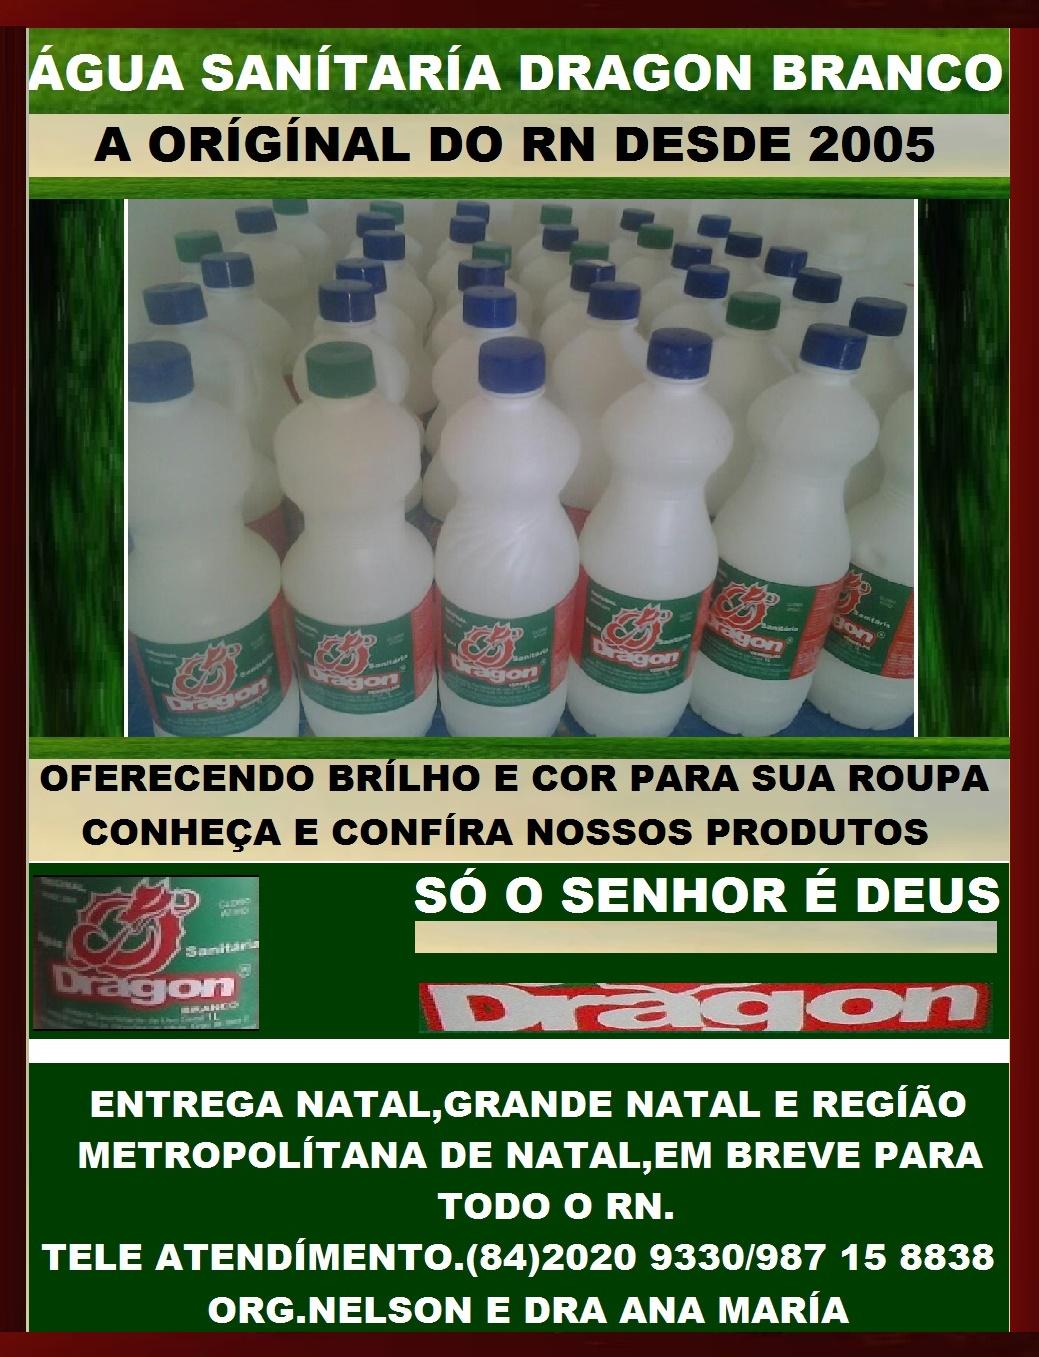 ÁGUA SANÍTÁRIA DRAGON BRANCO NATAL RN